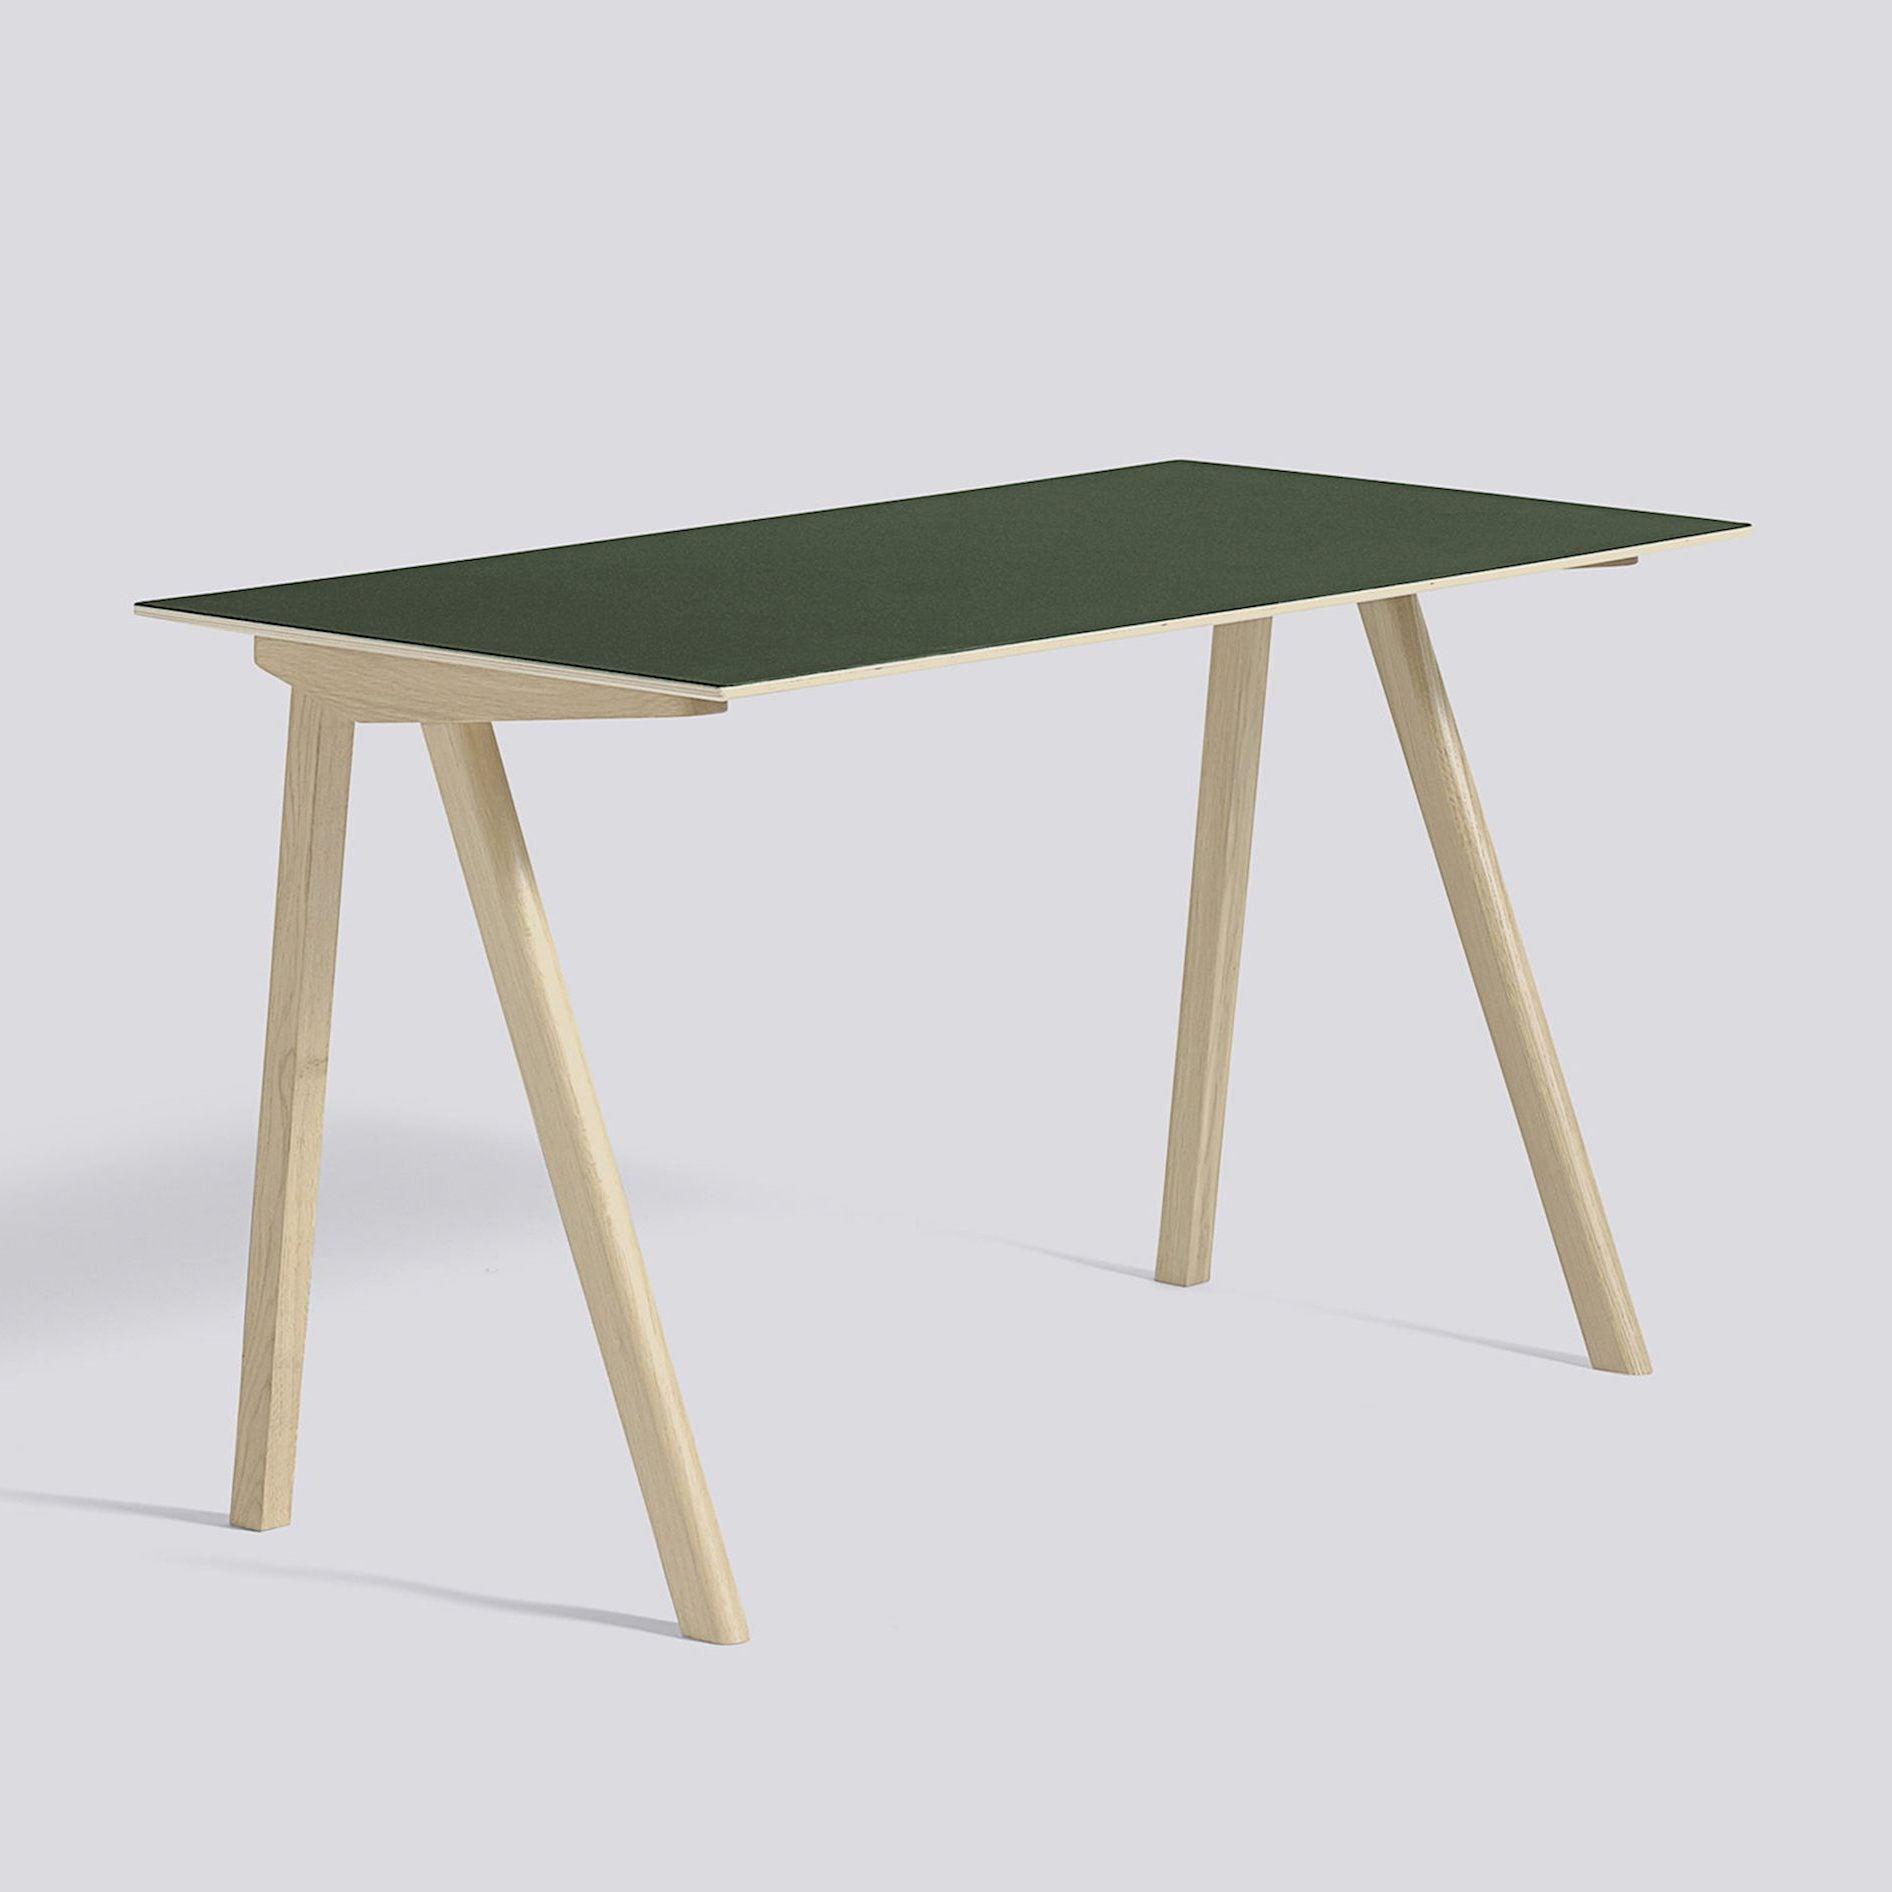 1045012049000zzzzzzz_cph90-l130xw65-oak-matt-lacquer-lino-green_1390x1100_brandvariant